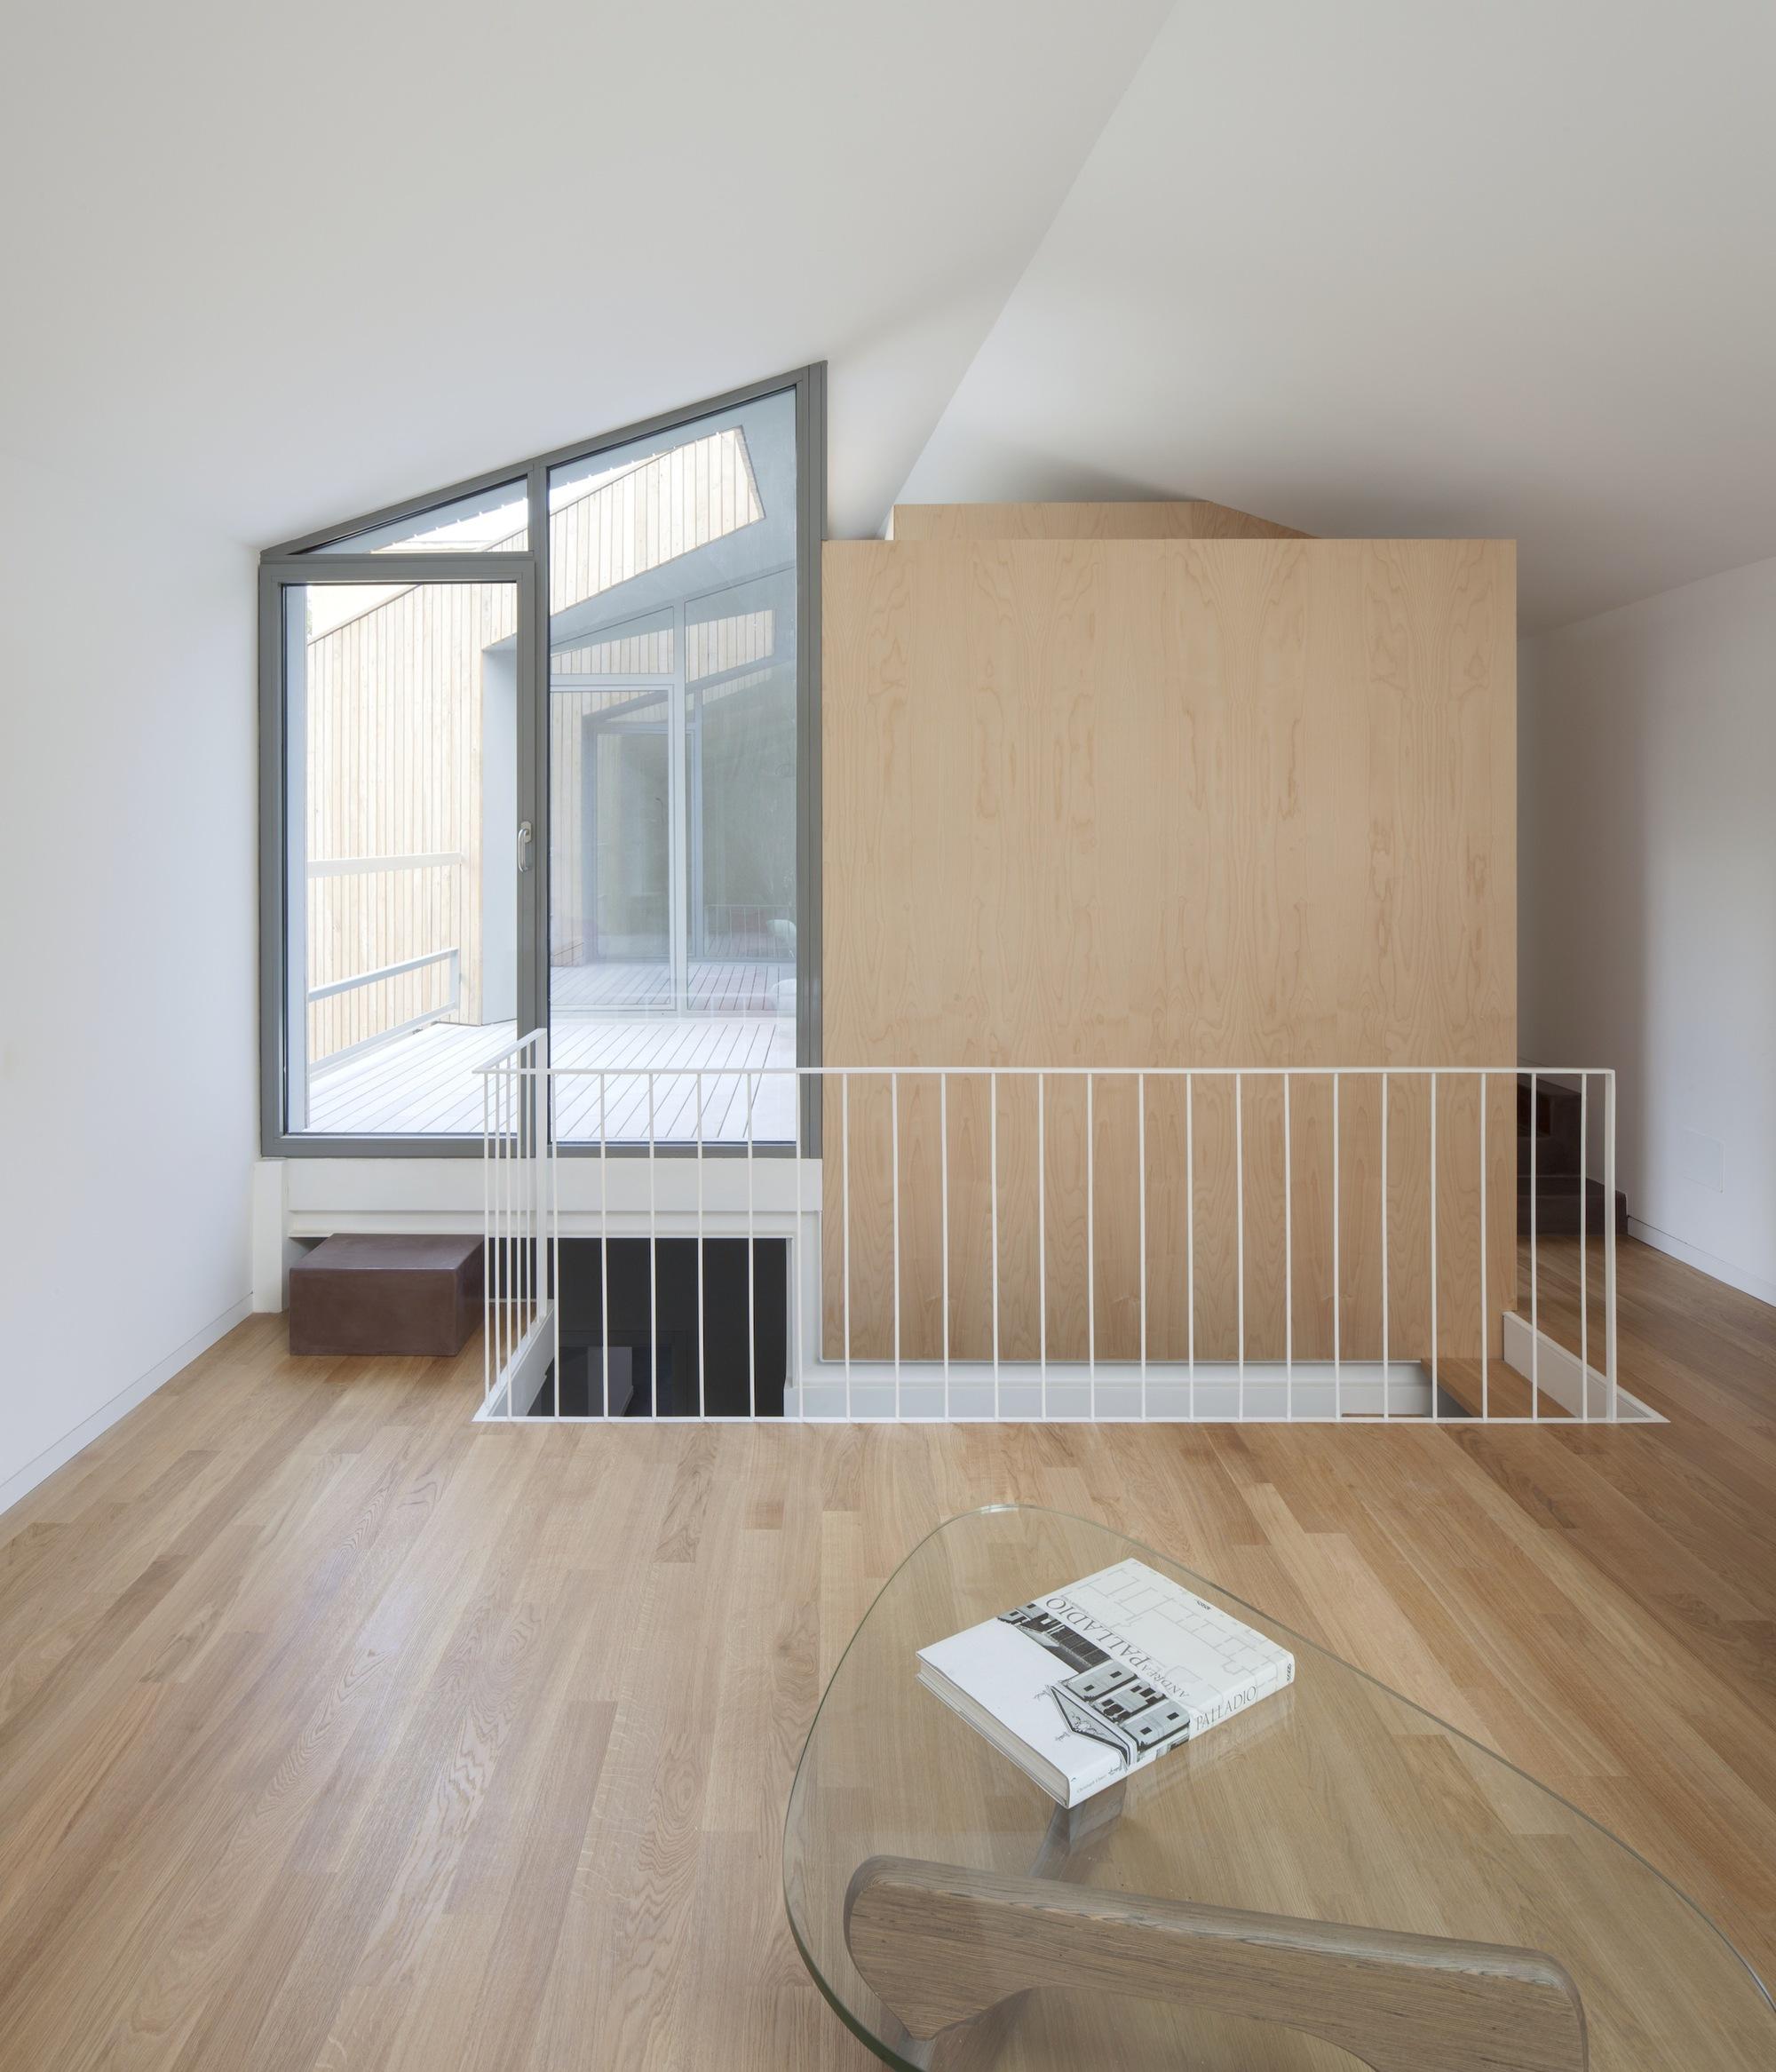 Casa SG / Tuttiarchitetti (19)